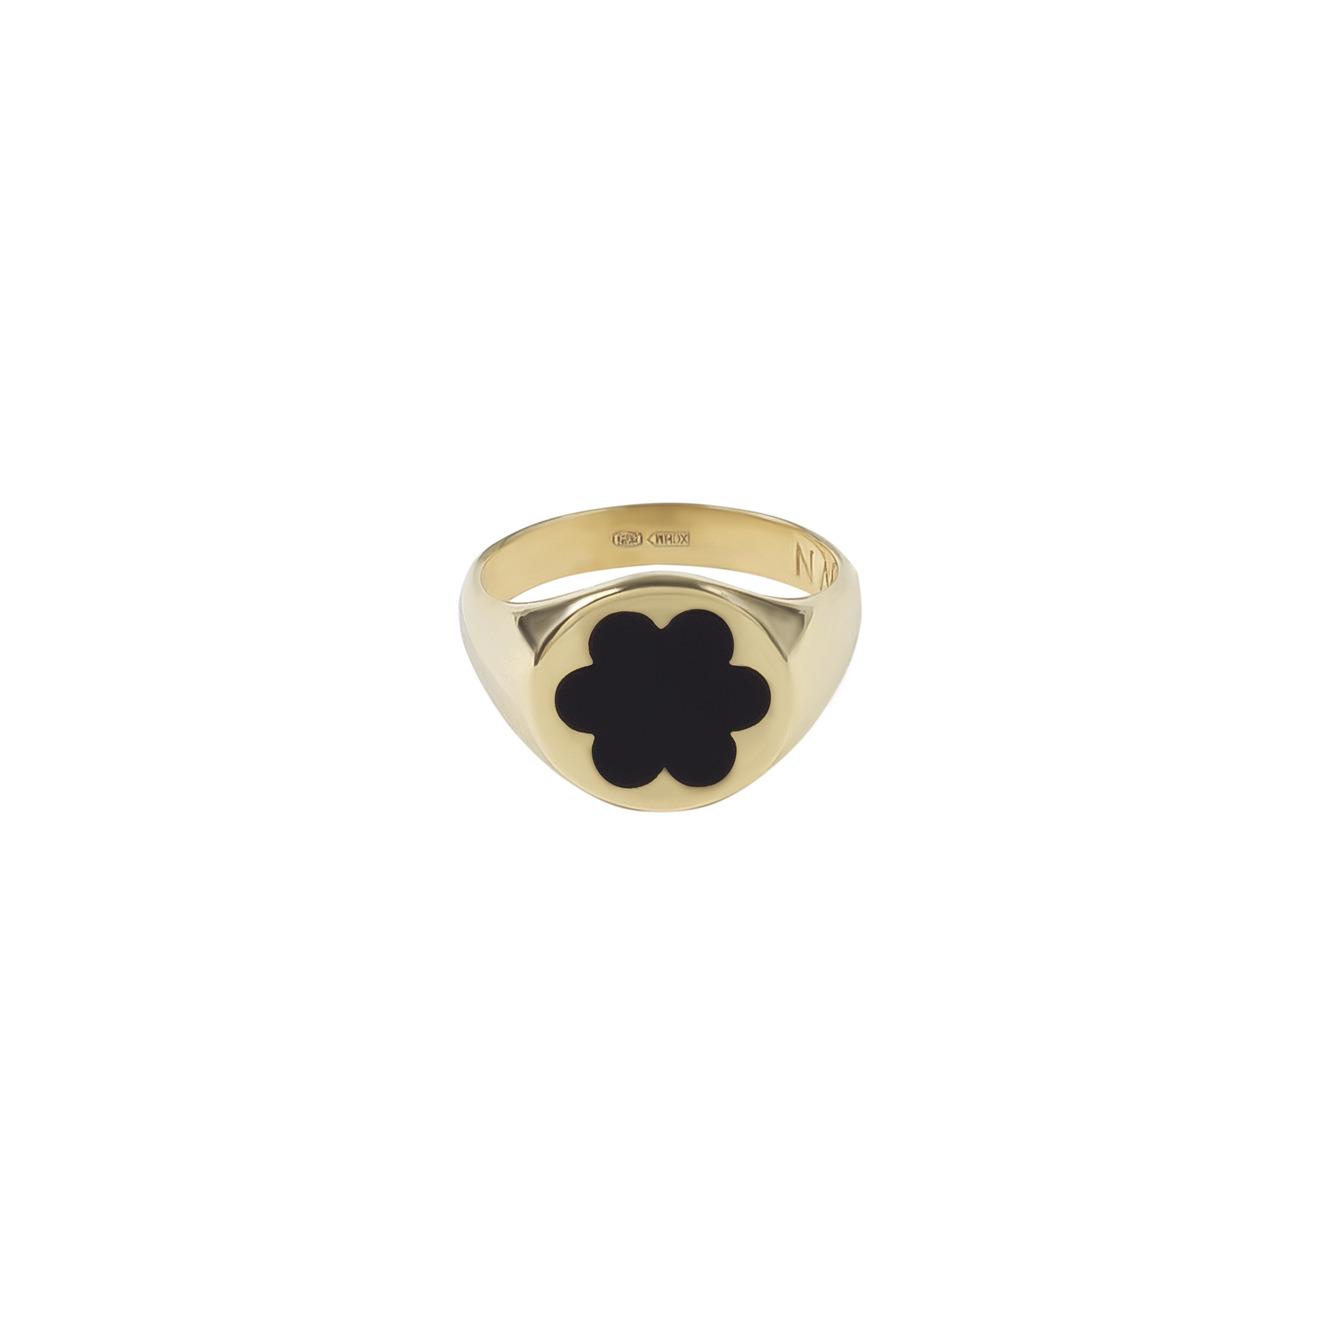 Moonswoon Позолоченное кольцо-печатка из серебра с эмалью Незабудка Черная